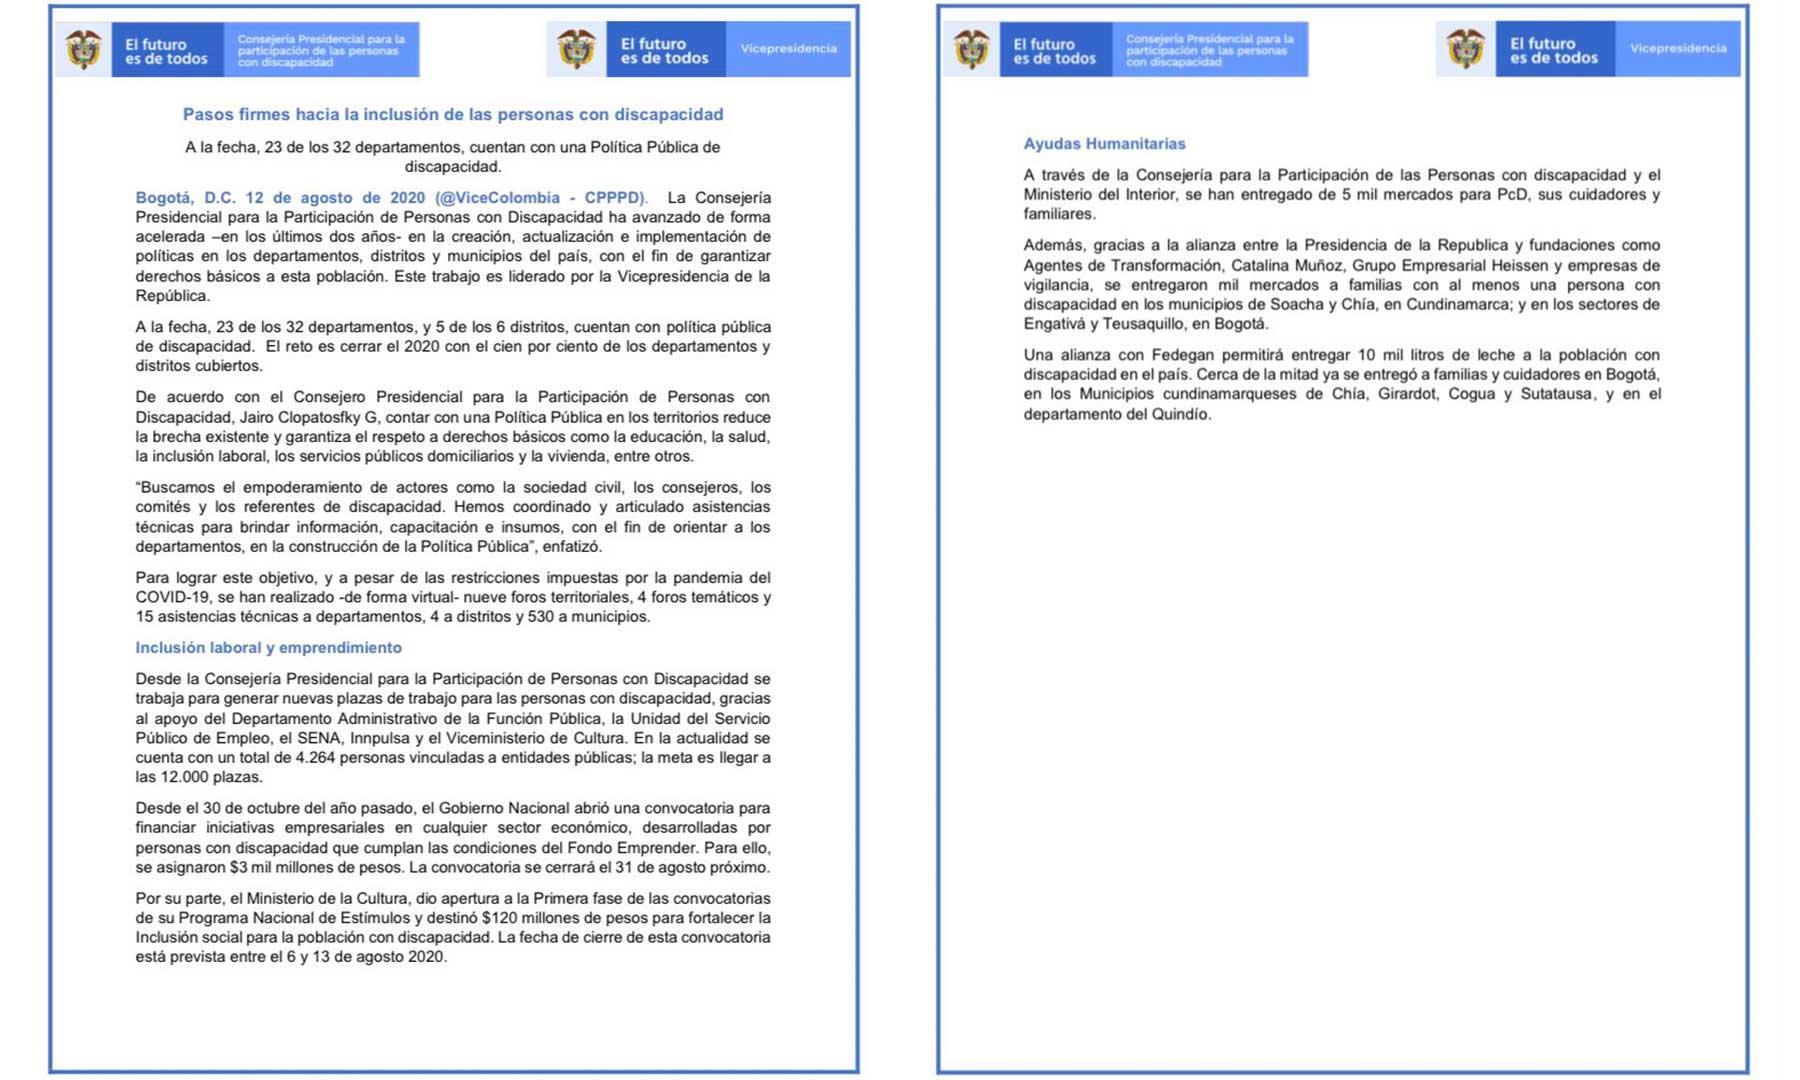 departamentos, política pública, discapacidad, onsejería Presidencial para la Participación de Personas con Discapacidad, Consej